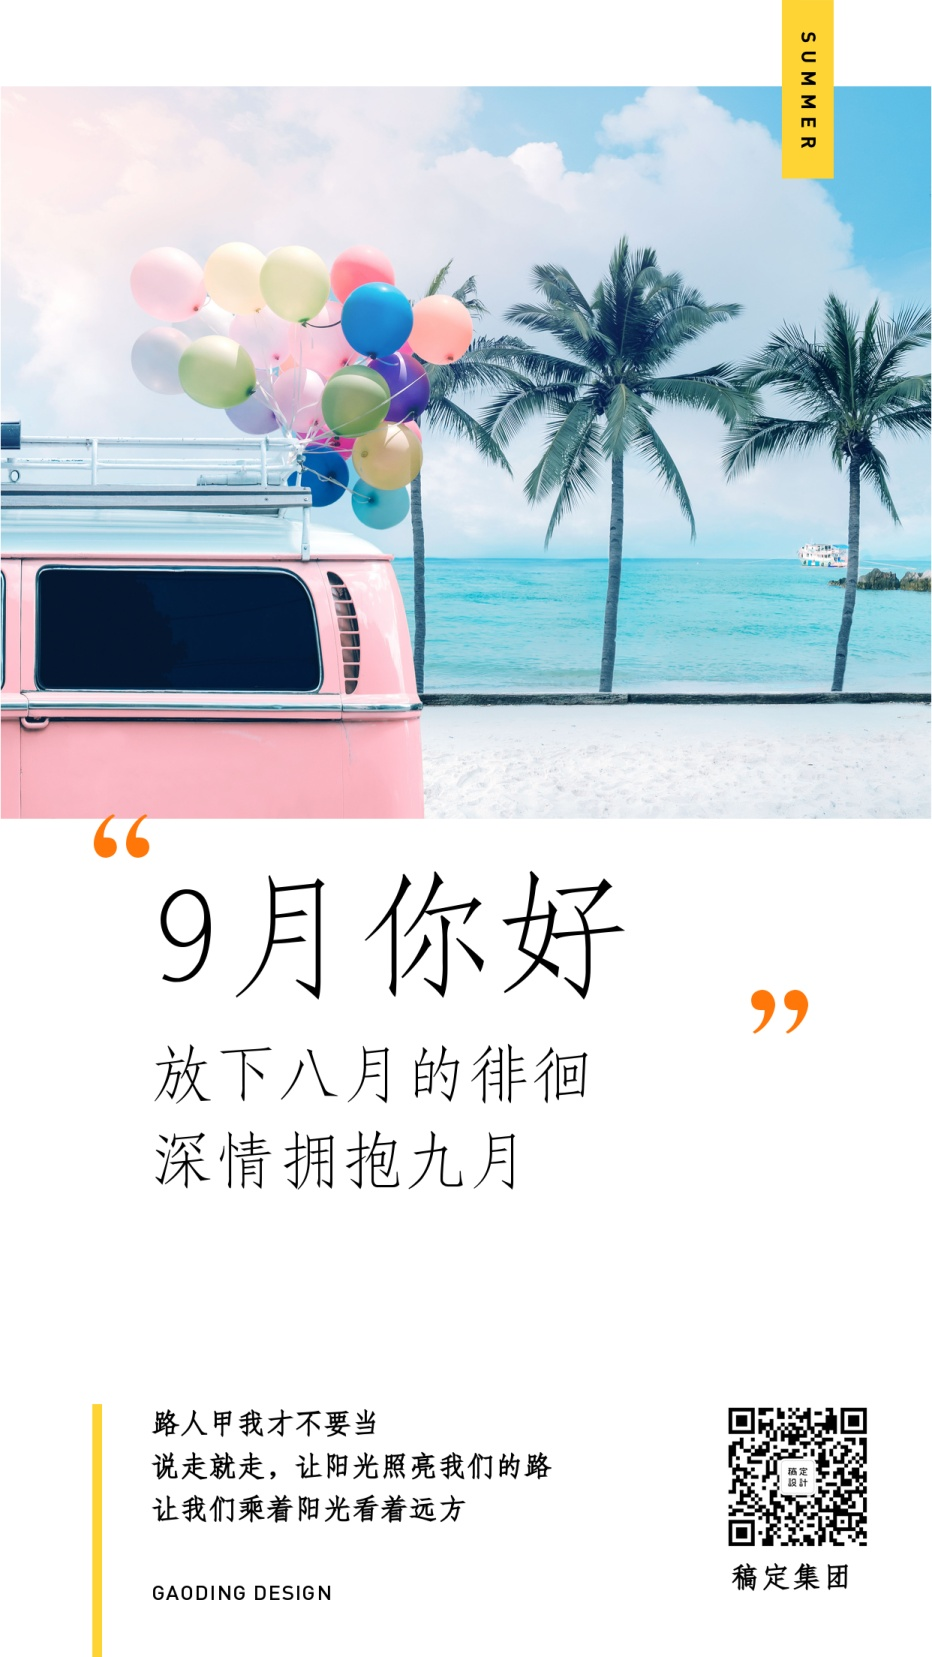 九月你好小清新海边手机海报